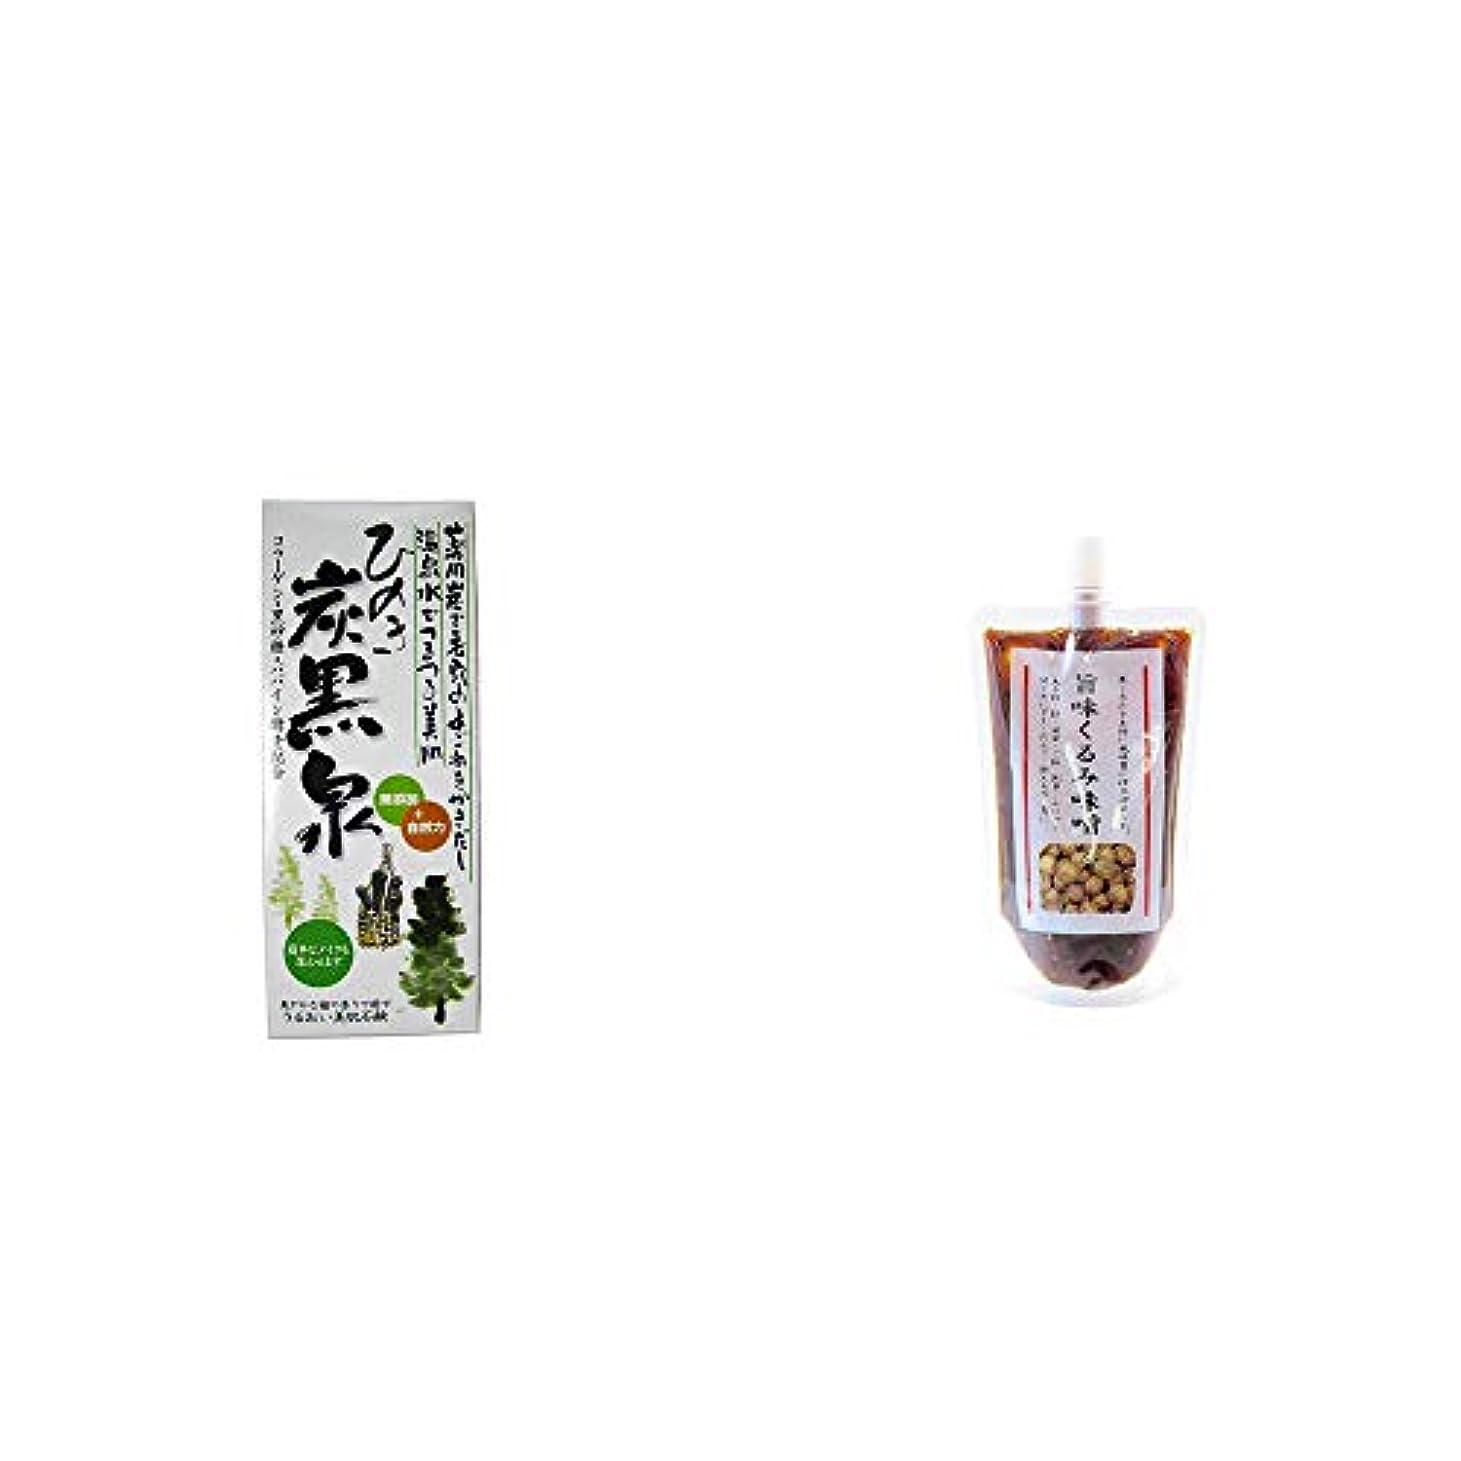 仲良しお酒歩く[2点セット] ひのき炭黒泉 箱入り(75g×3)?旨味くるみ味噌(260g)